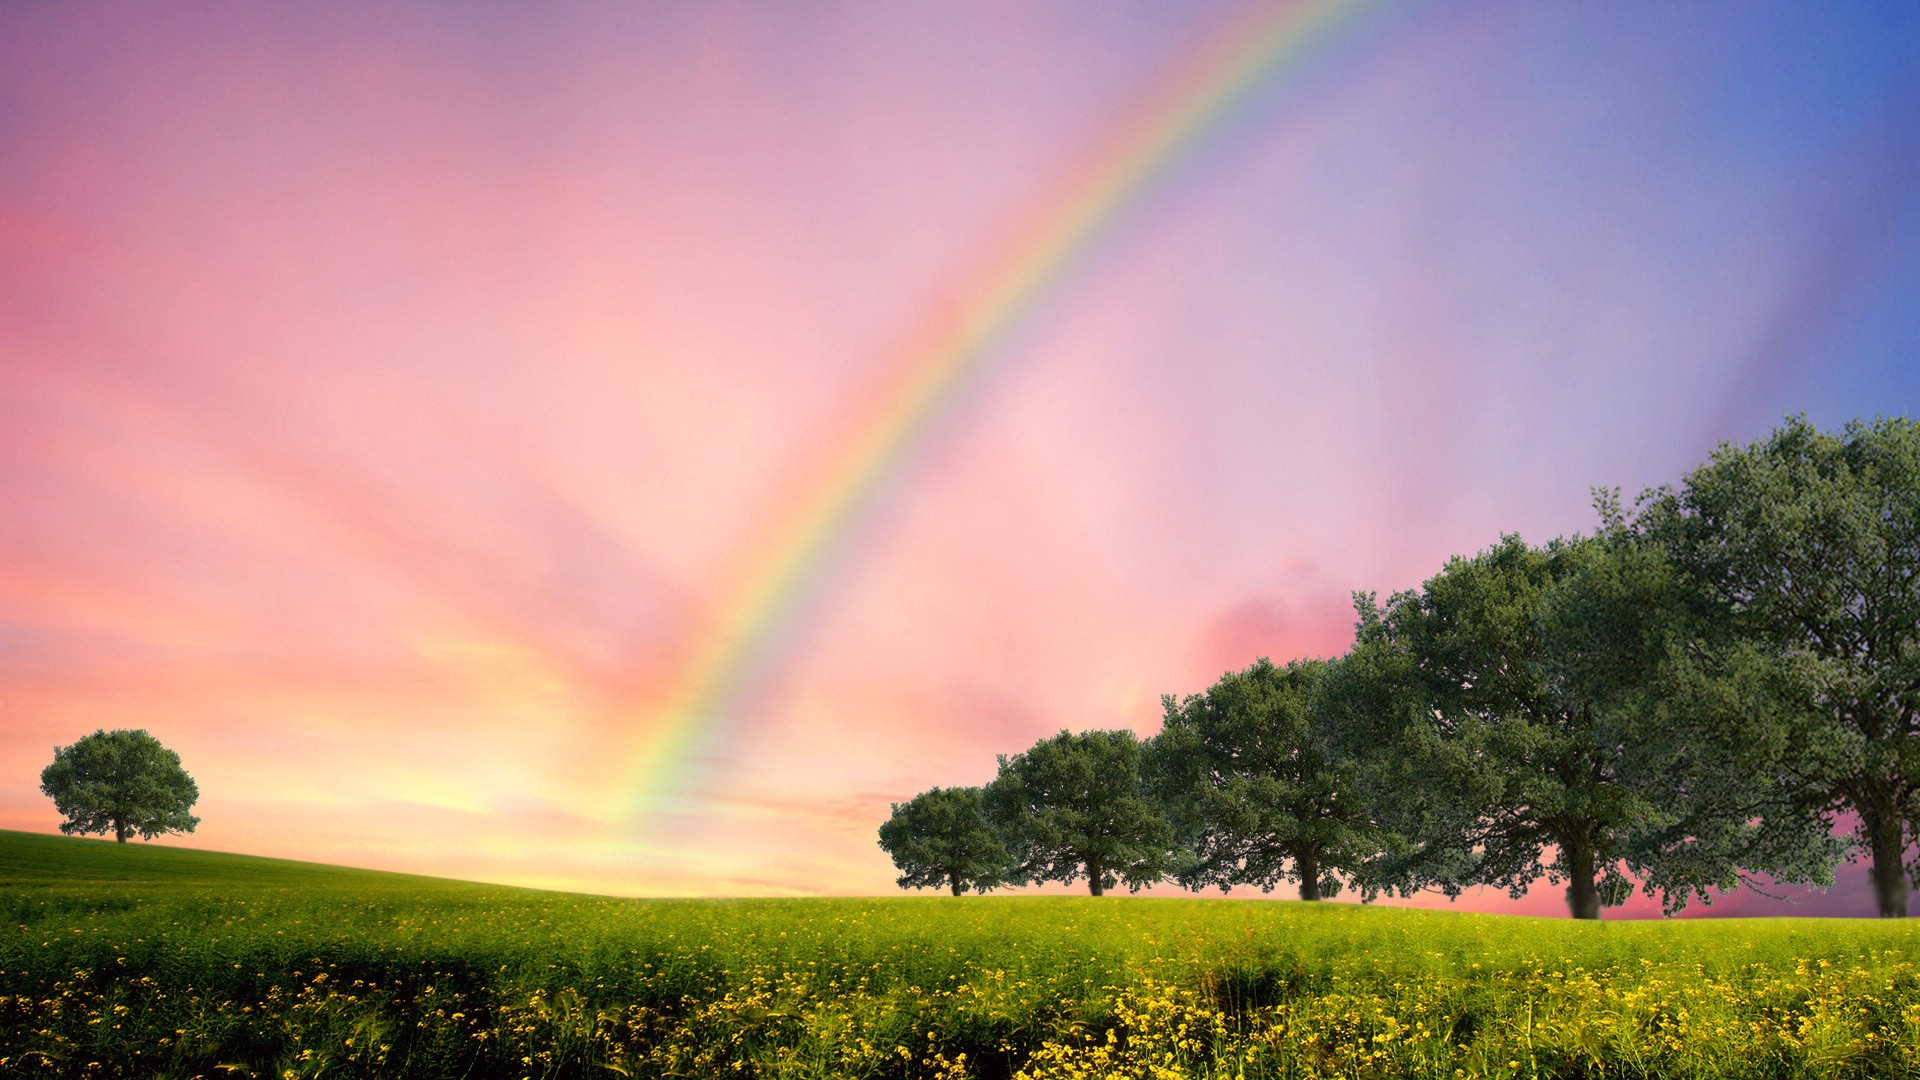 夏天的彩虹高清桌面壁纸